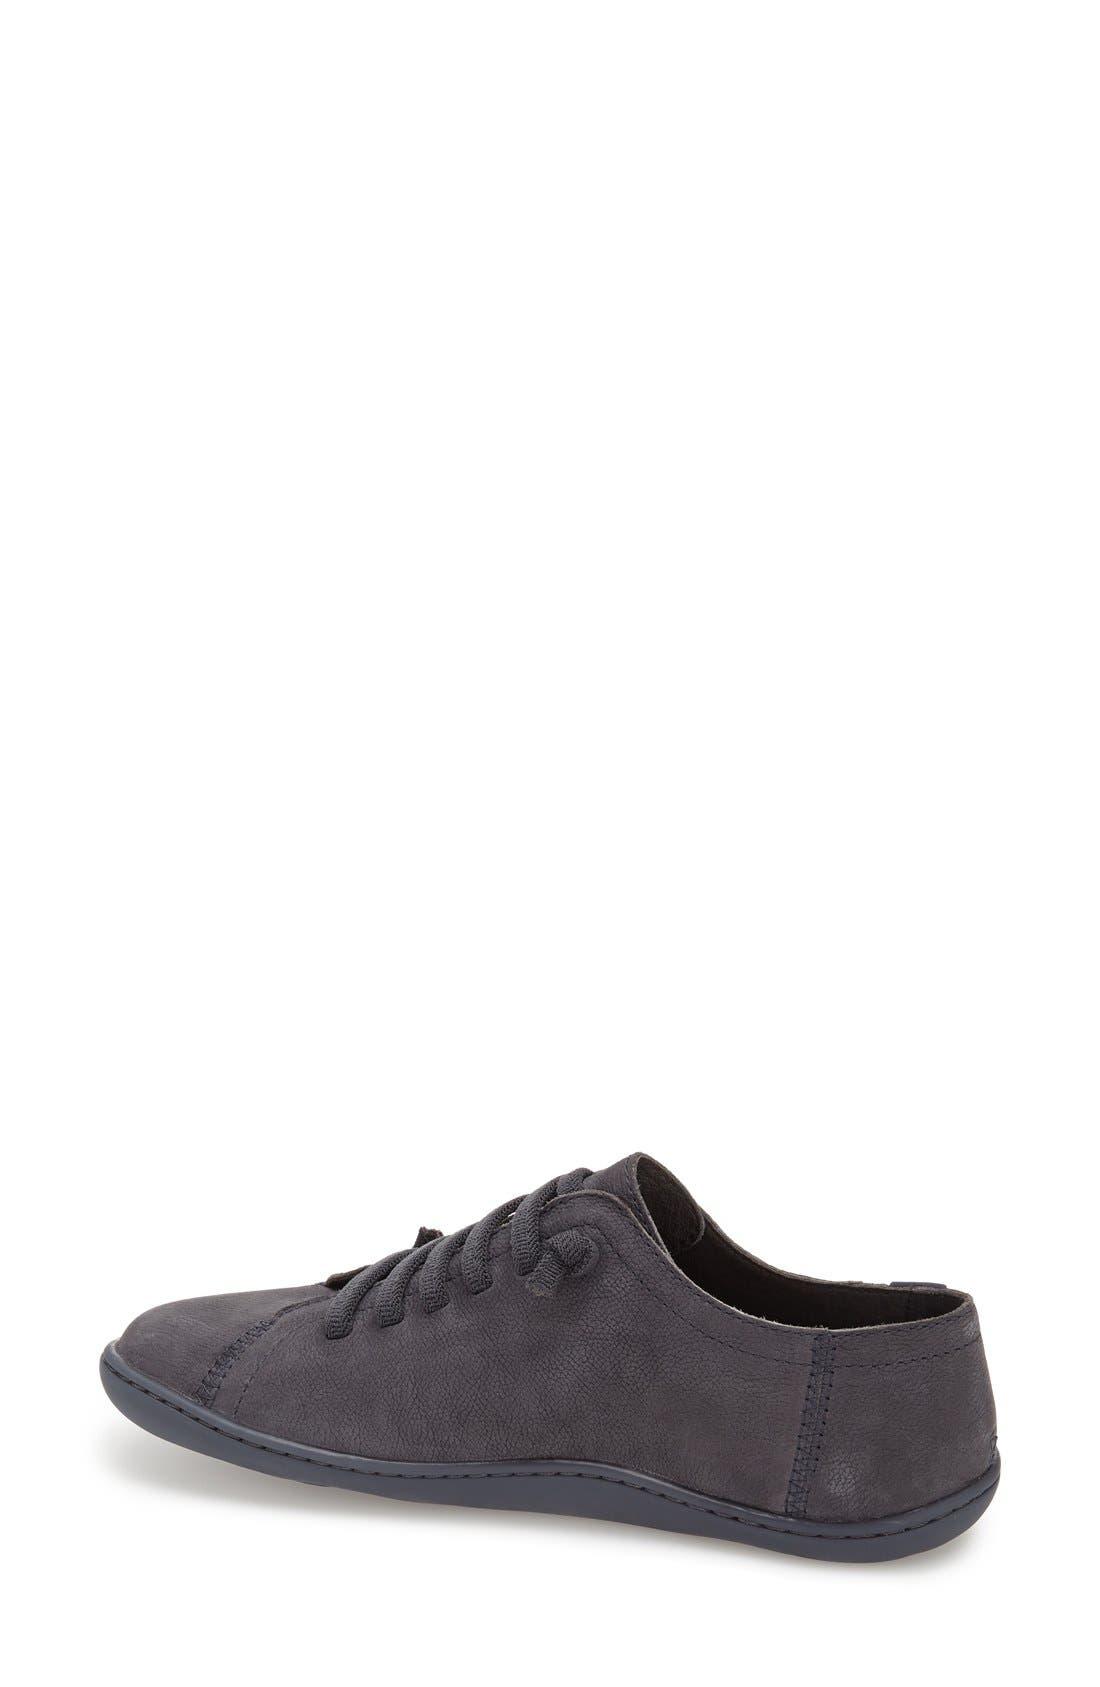 'Peu Cami' Sneaker,                             Alternate thumbnail 4, color,                             020